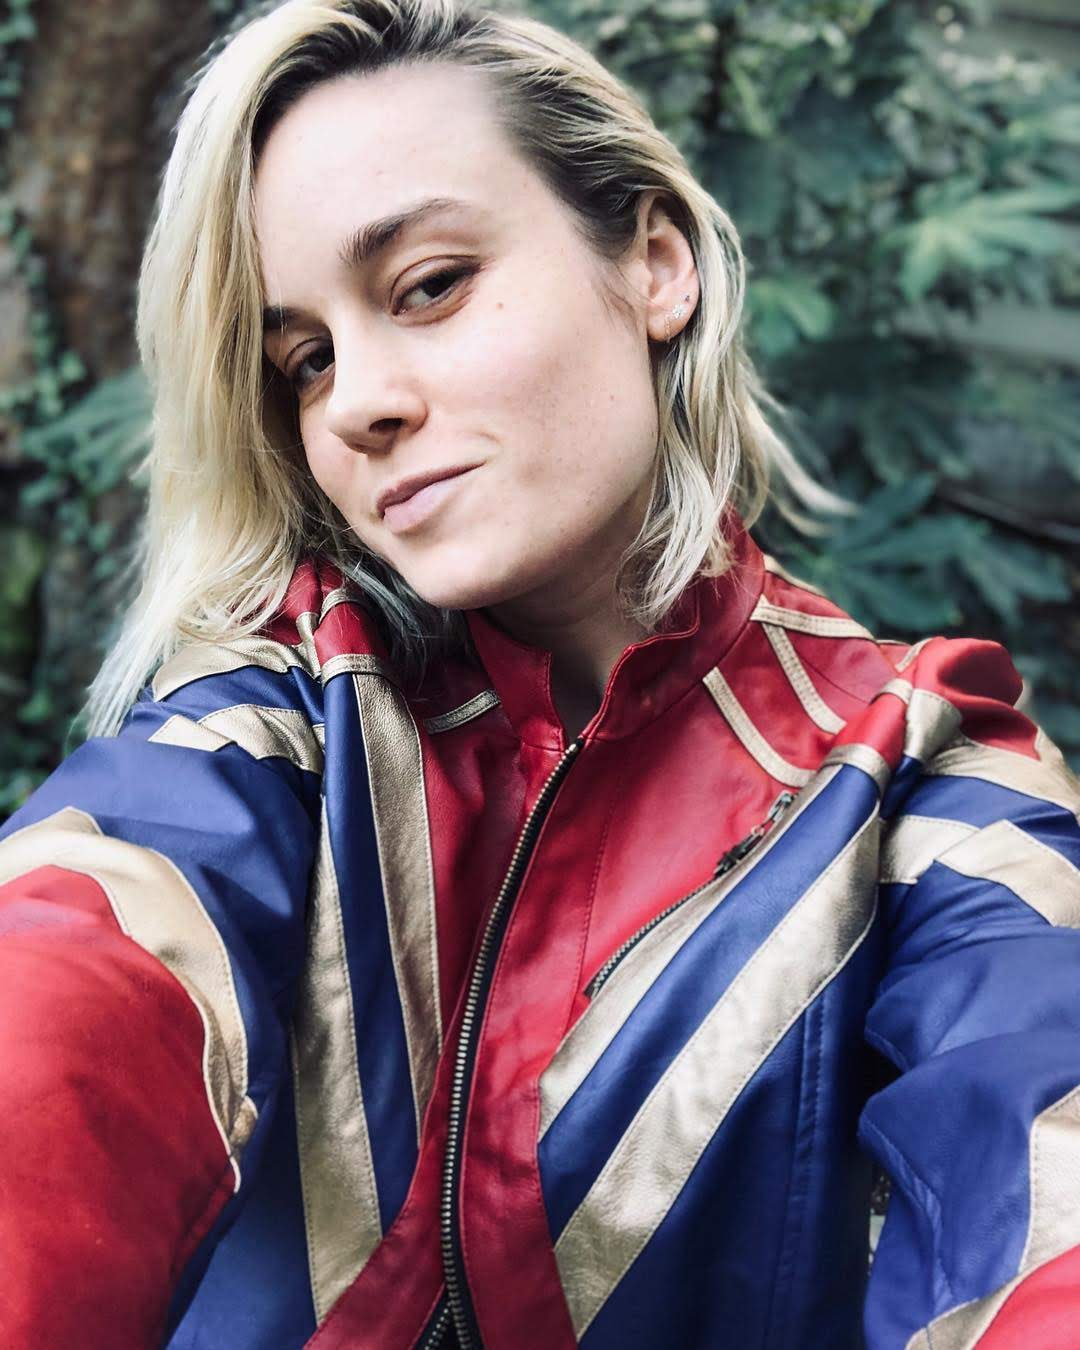 Happy New Year from Captain Marvel ! : アベンジャーズの新しい顔のブリーから、私が着てるキャプテン・マーベルの特製ジャケットを1名の方にあげちゃうお年玉プレゼント付きの新年の誓い選手権のお知らせ ! !